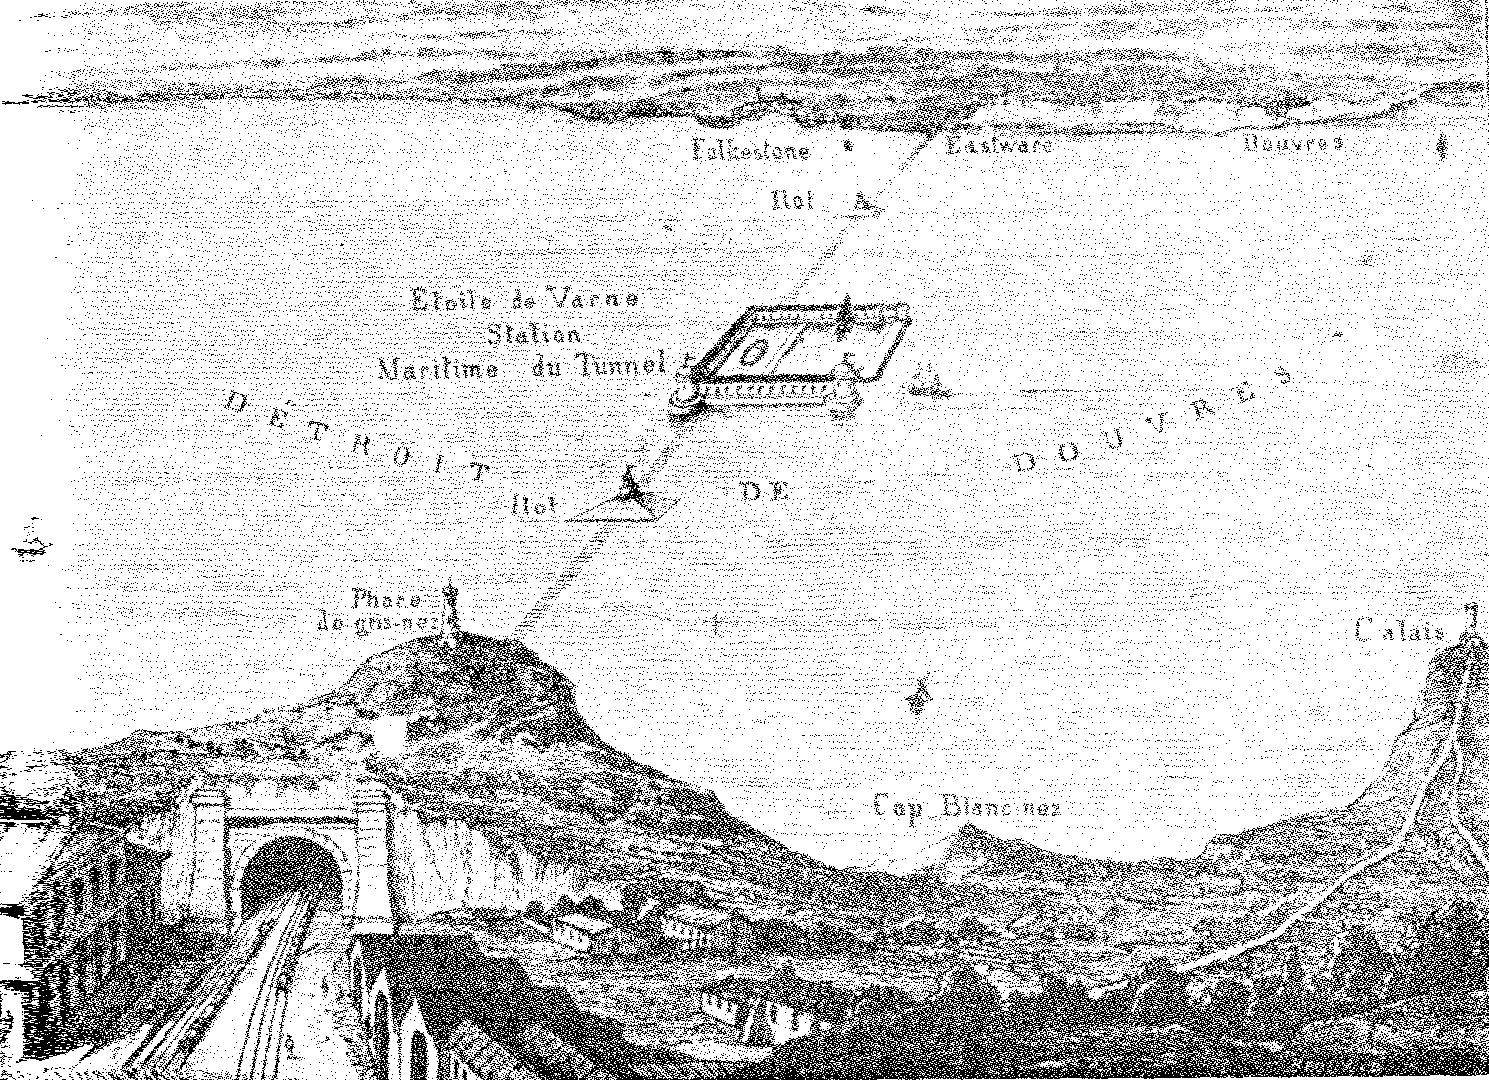 Η ιδέα του Γάλλου Τομέ ντε Γκαμόντ για συρμό που θα διερχόταν από υποθαλάσσια σήραγγα κάτω από το Στενό της Μάγχης.